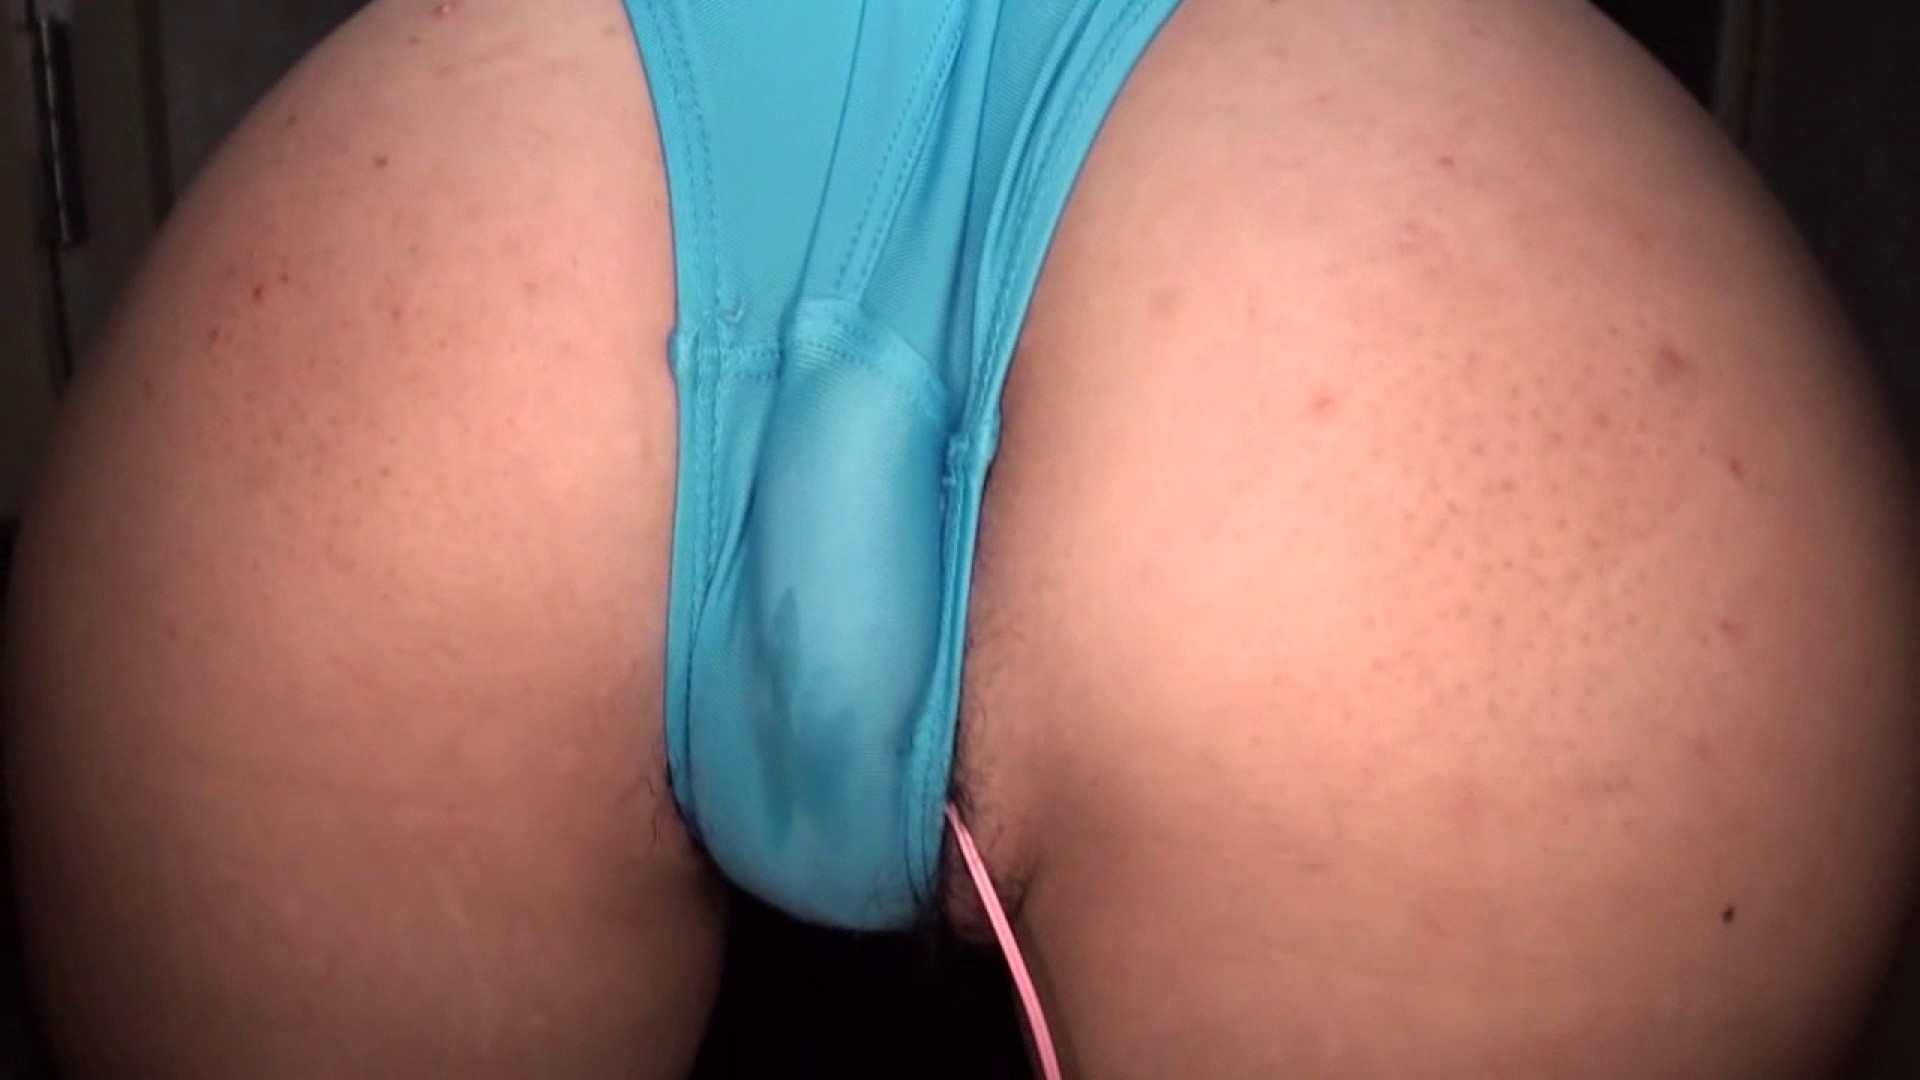 おしえてギャル子のH塾 Vol.40 ローター AV動画キャプチャ 104pic 14